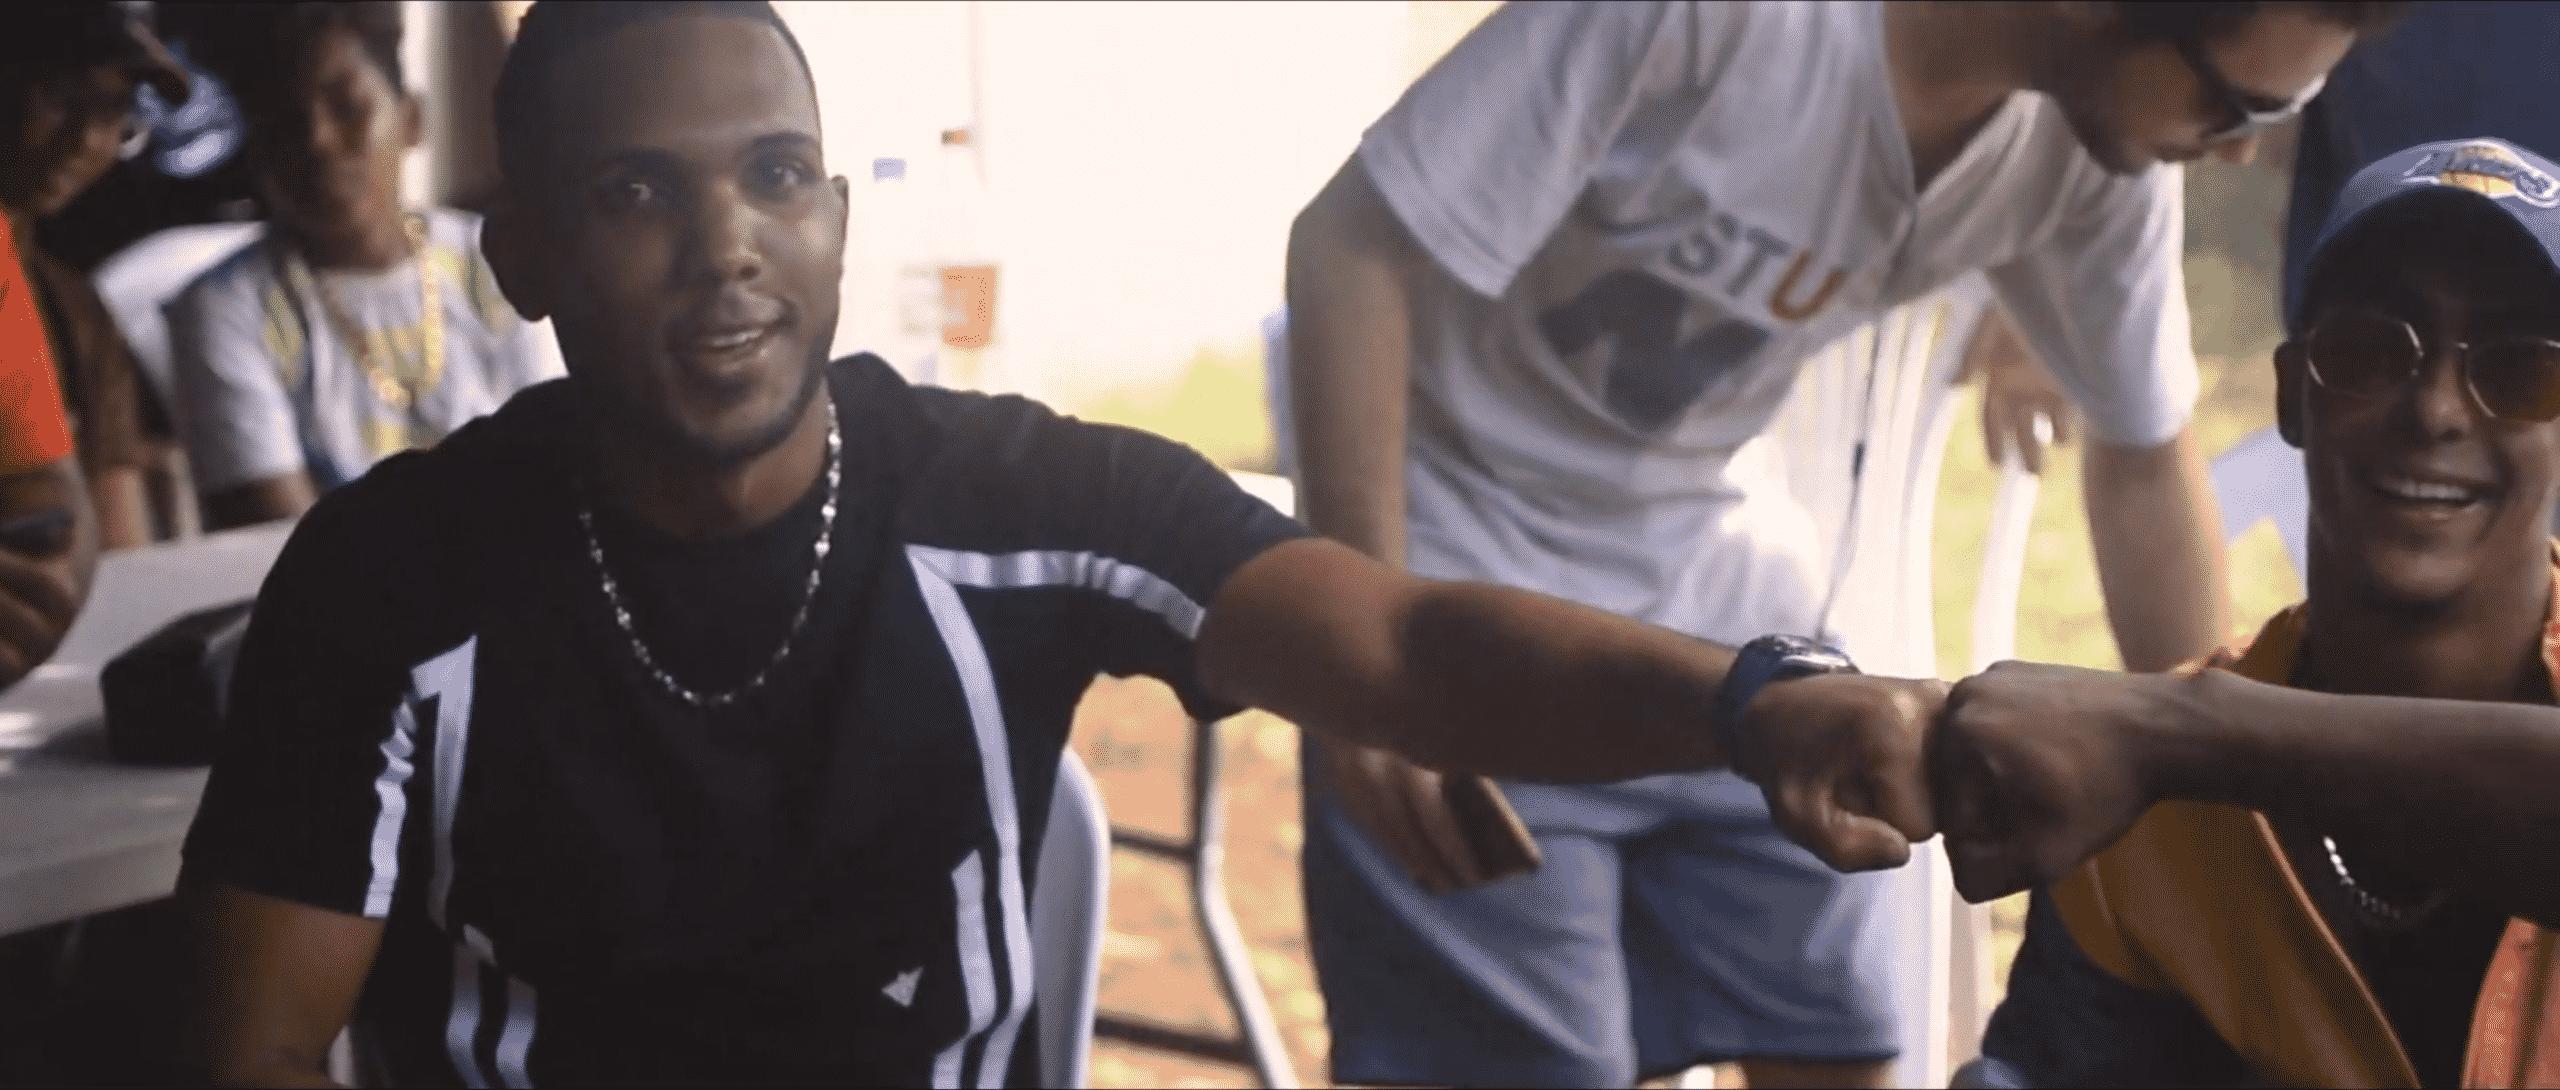 FreestyleBirthday : JLN Prod regroupe plusieurs rappeurs lors de son anniversaire !